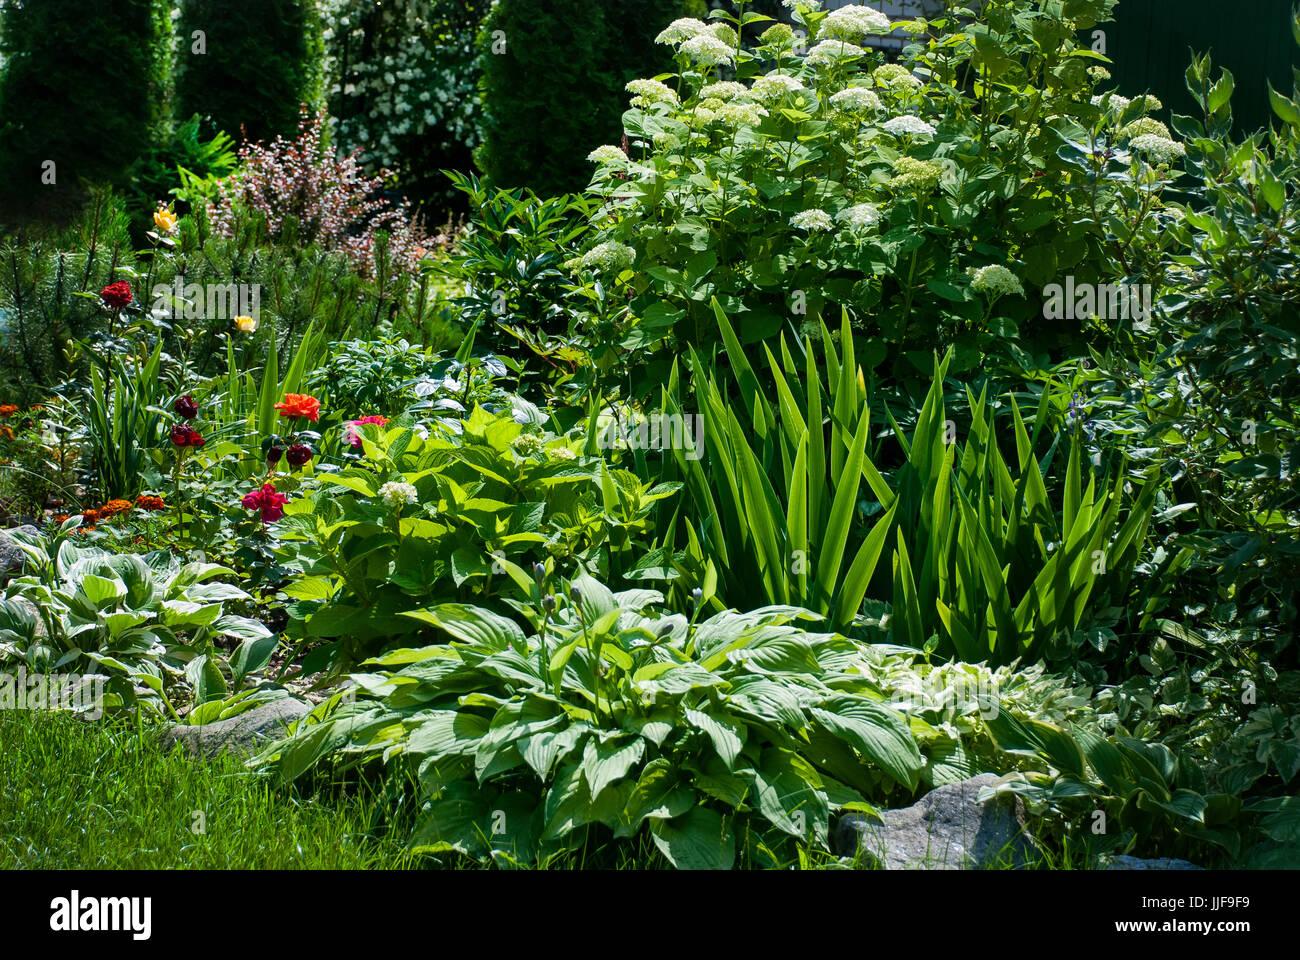 Piante Per Aiuole Perenni aiuola di fiori nel giardino con fiori perenni - ortensie